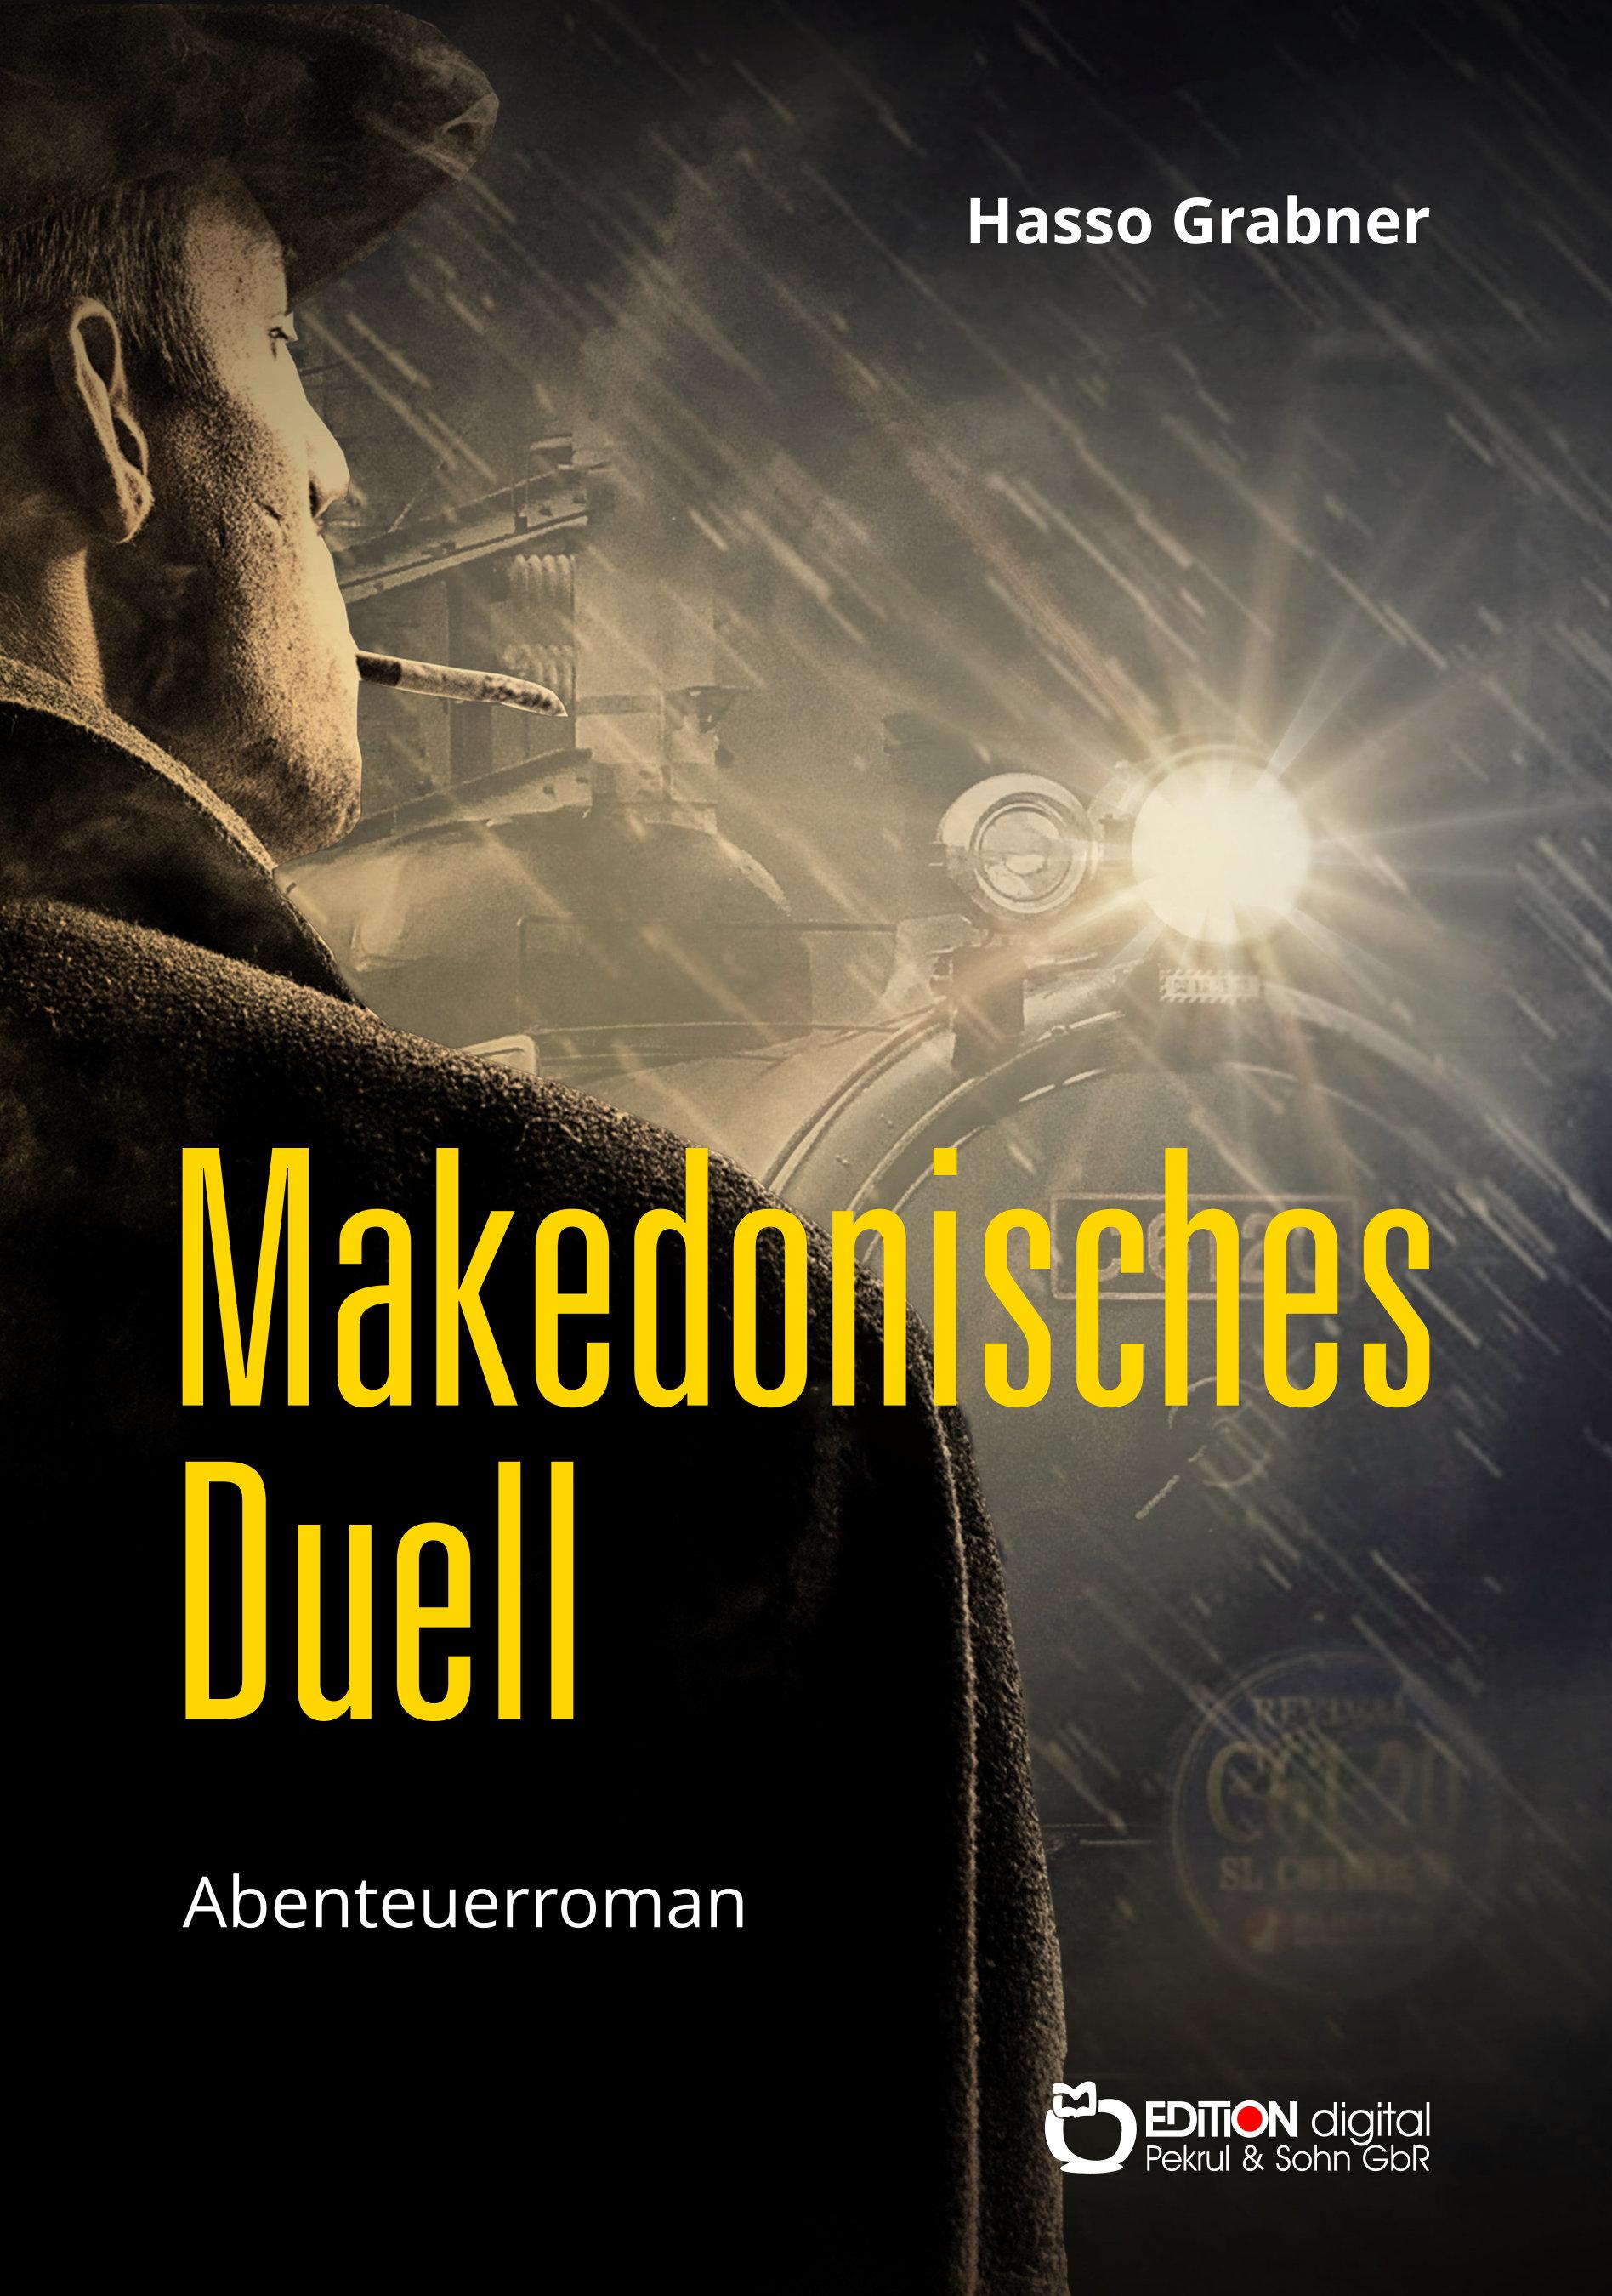 Makedonisches Duell. Abenteuerroman von Hasso Grabner